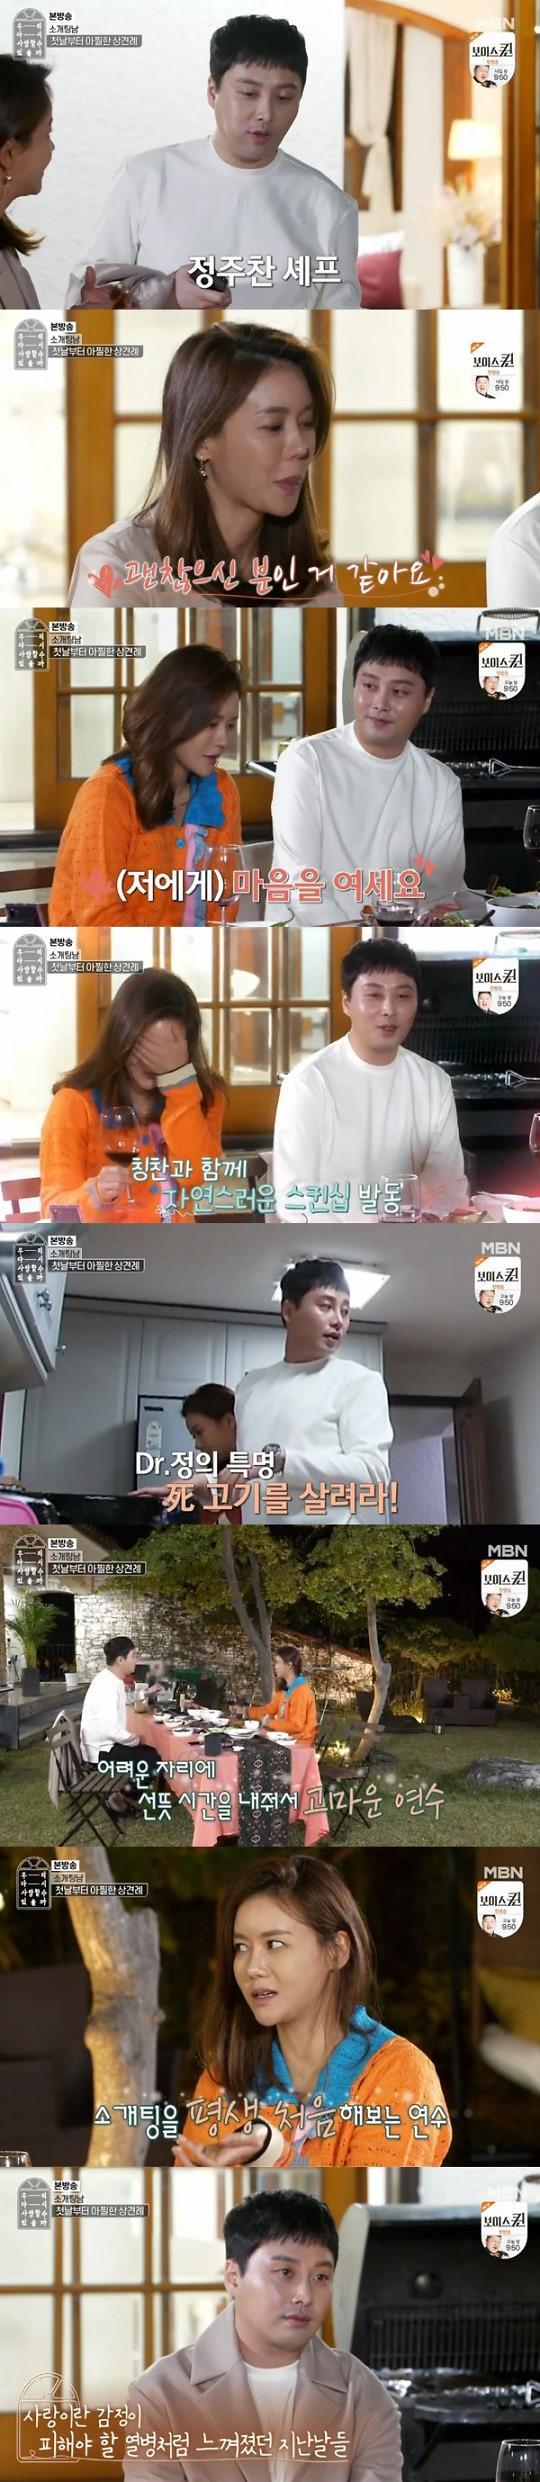 """[간밤의 TV]우다사 박연수, """"41년만에 소개팅""""···토니정 쉐프 핑크빛 만남"""